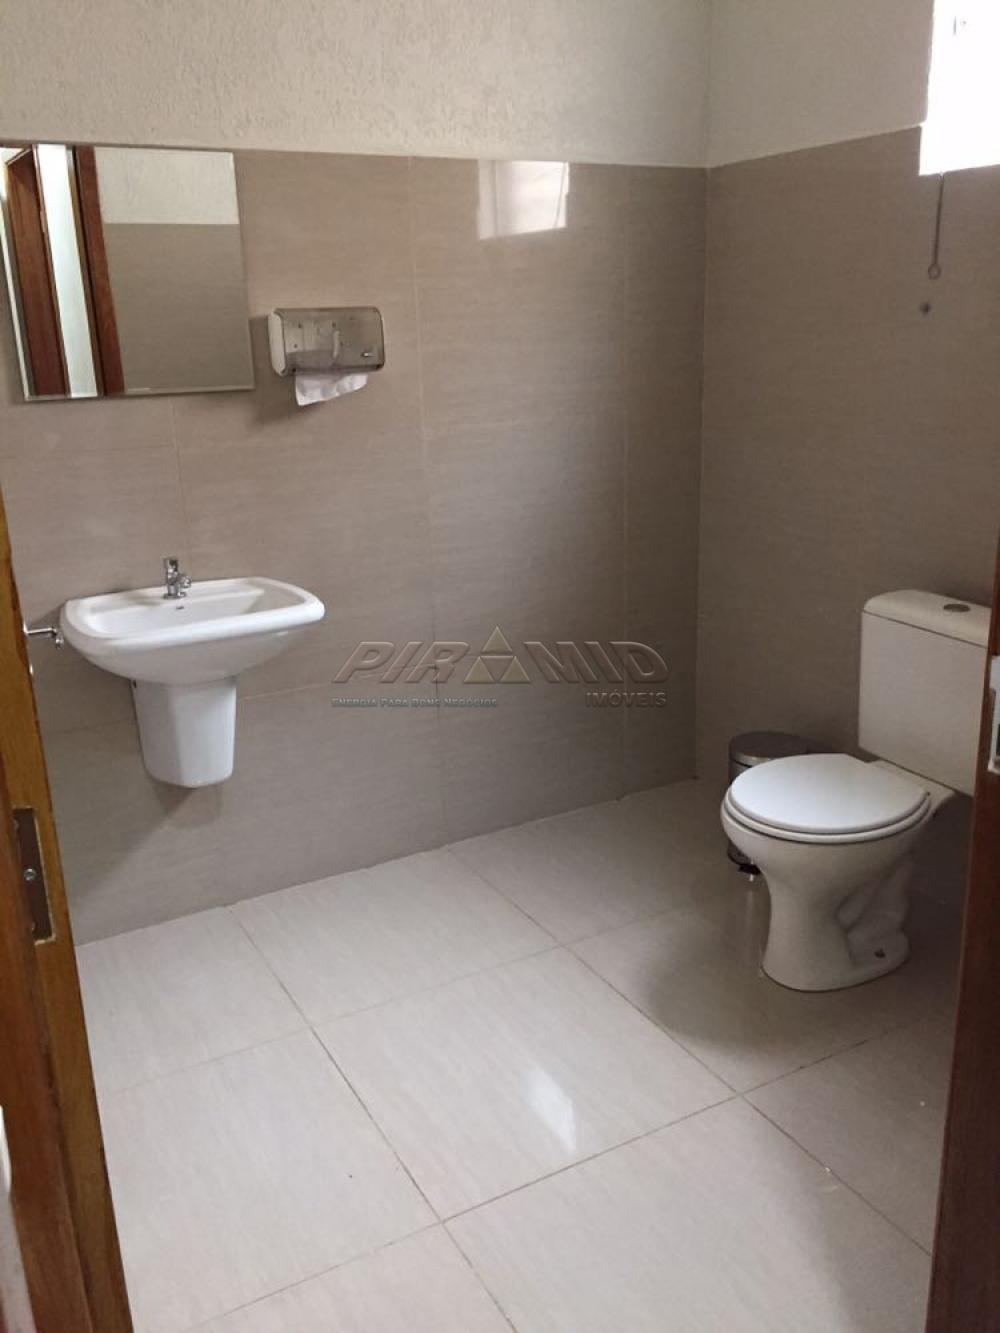 Comprar Casa / Padrão em Ribeirão Preto apenas R$ 800.000,00 - Foto 8